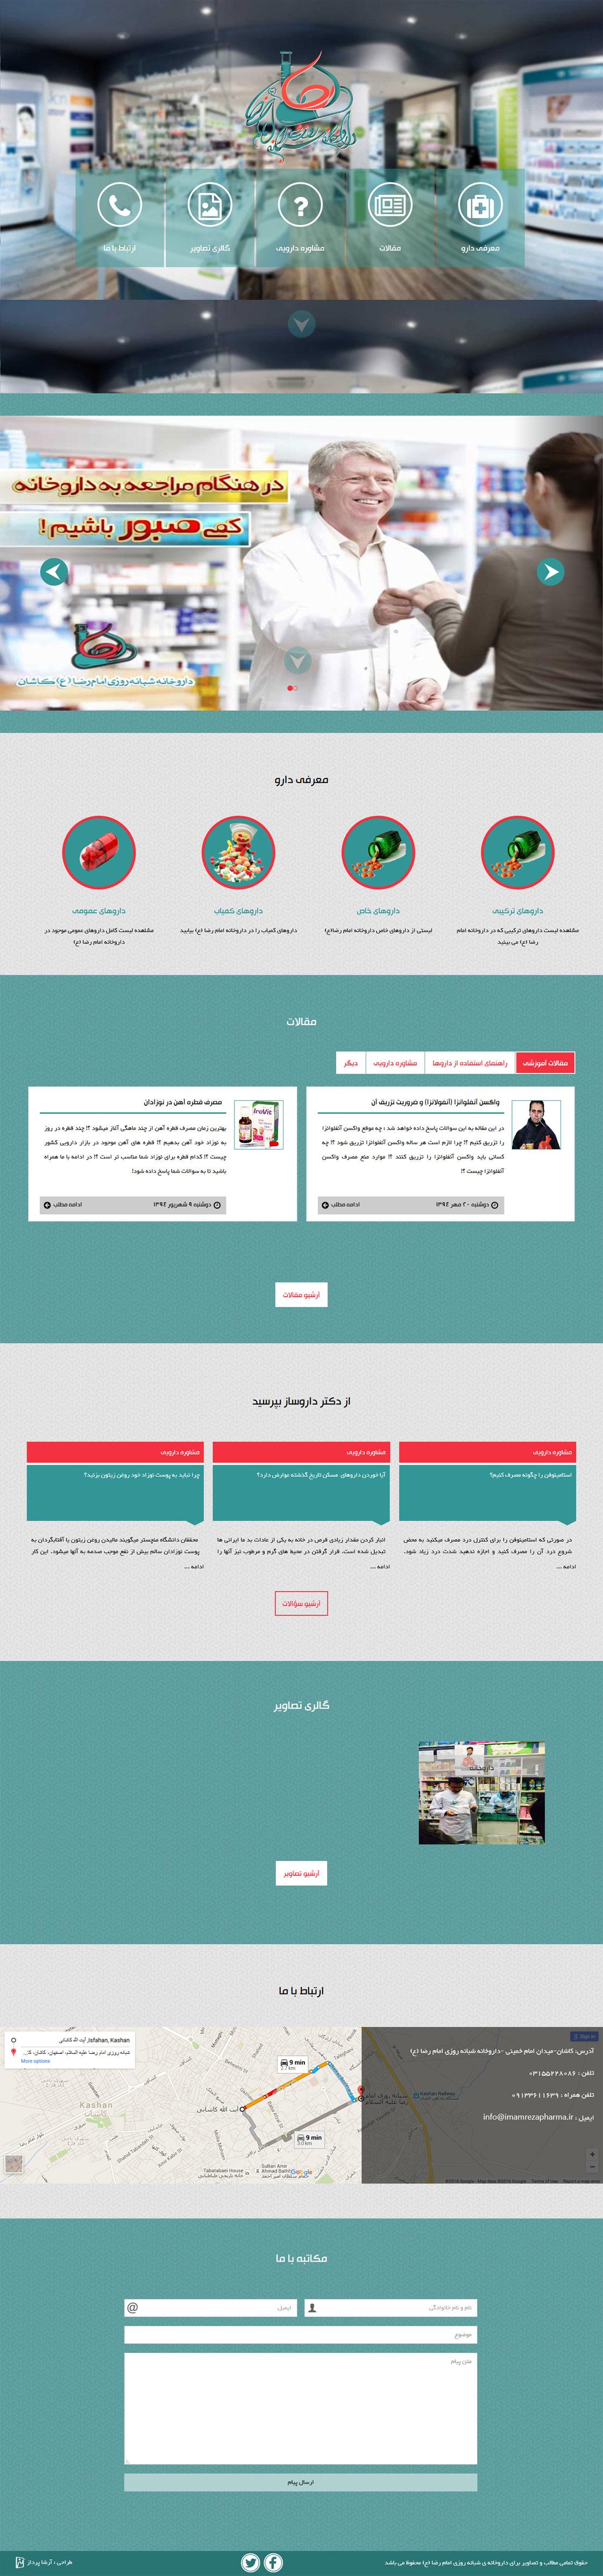 وب سایت داروخانه امام رضا (ع)